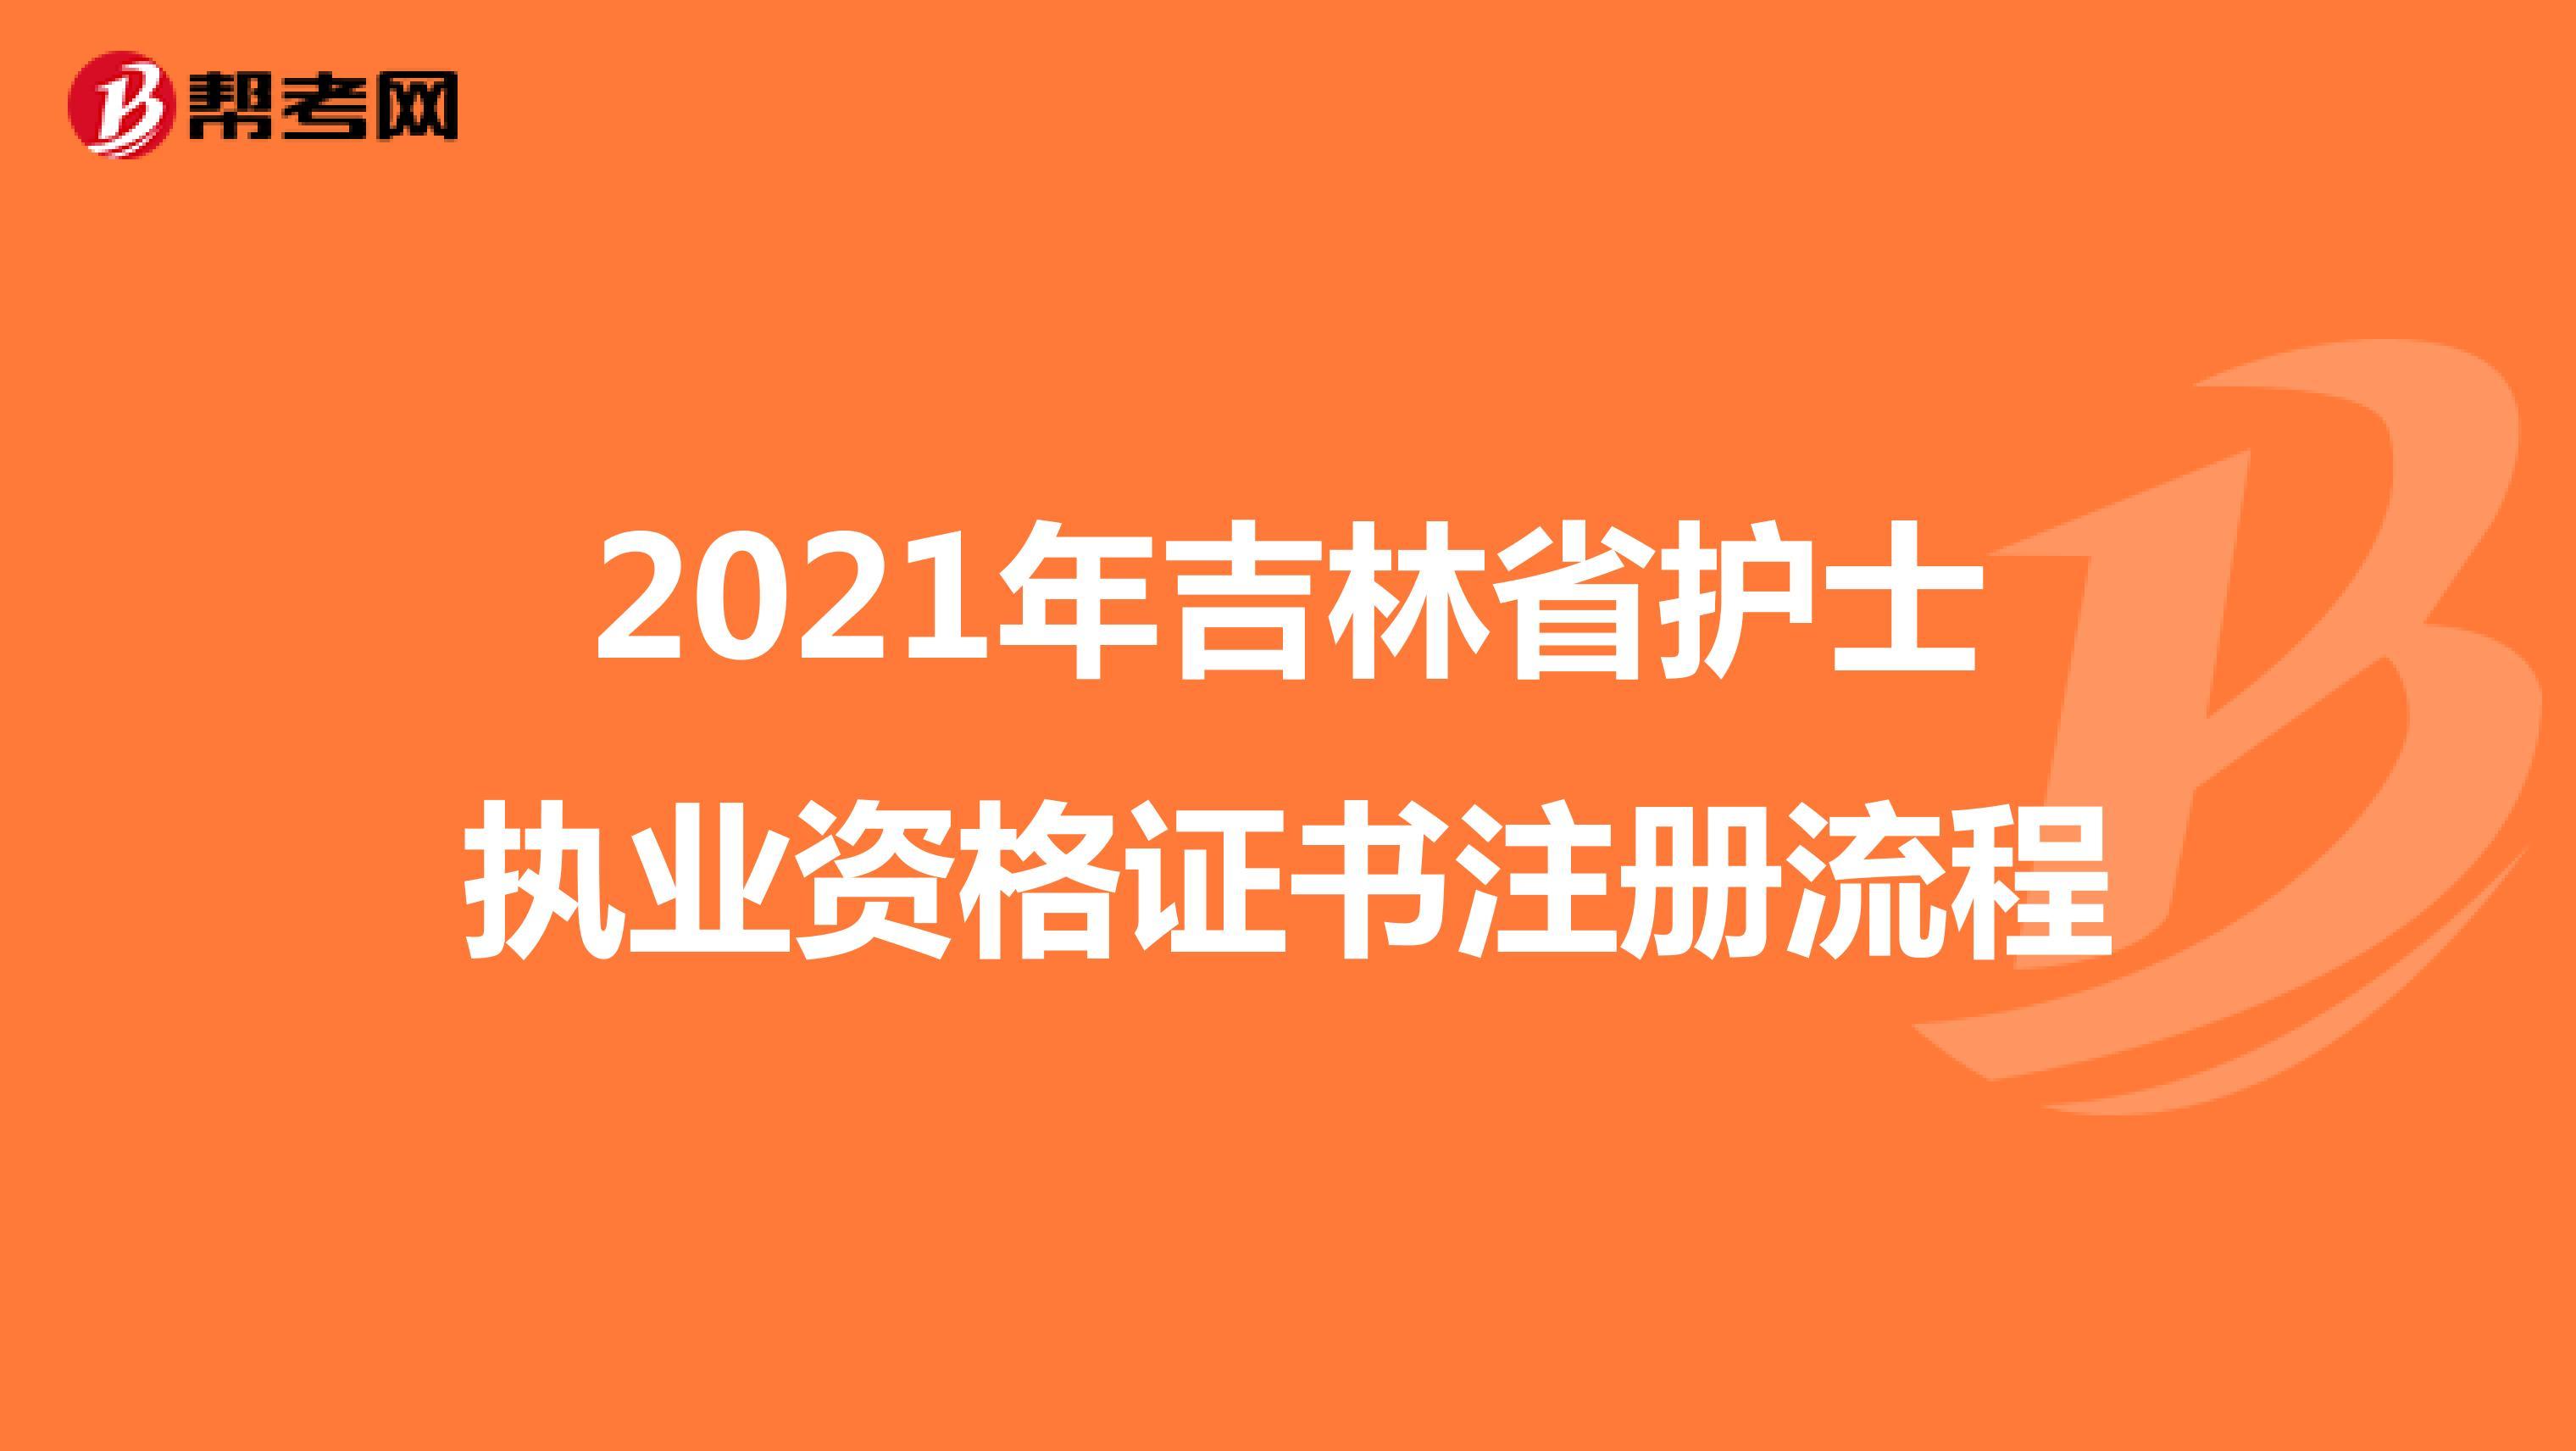 2021年吉林省护士执业资格证书注册流程